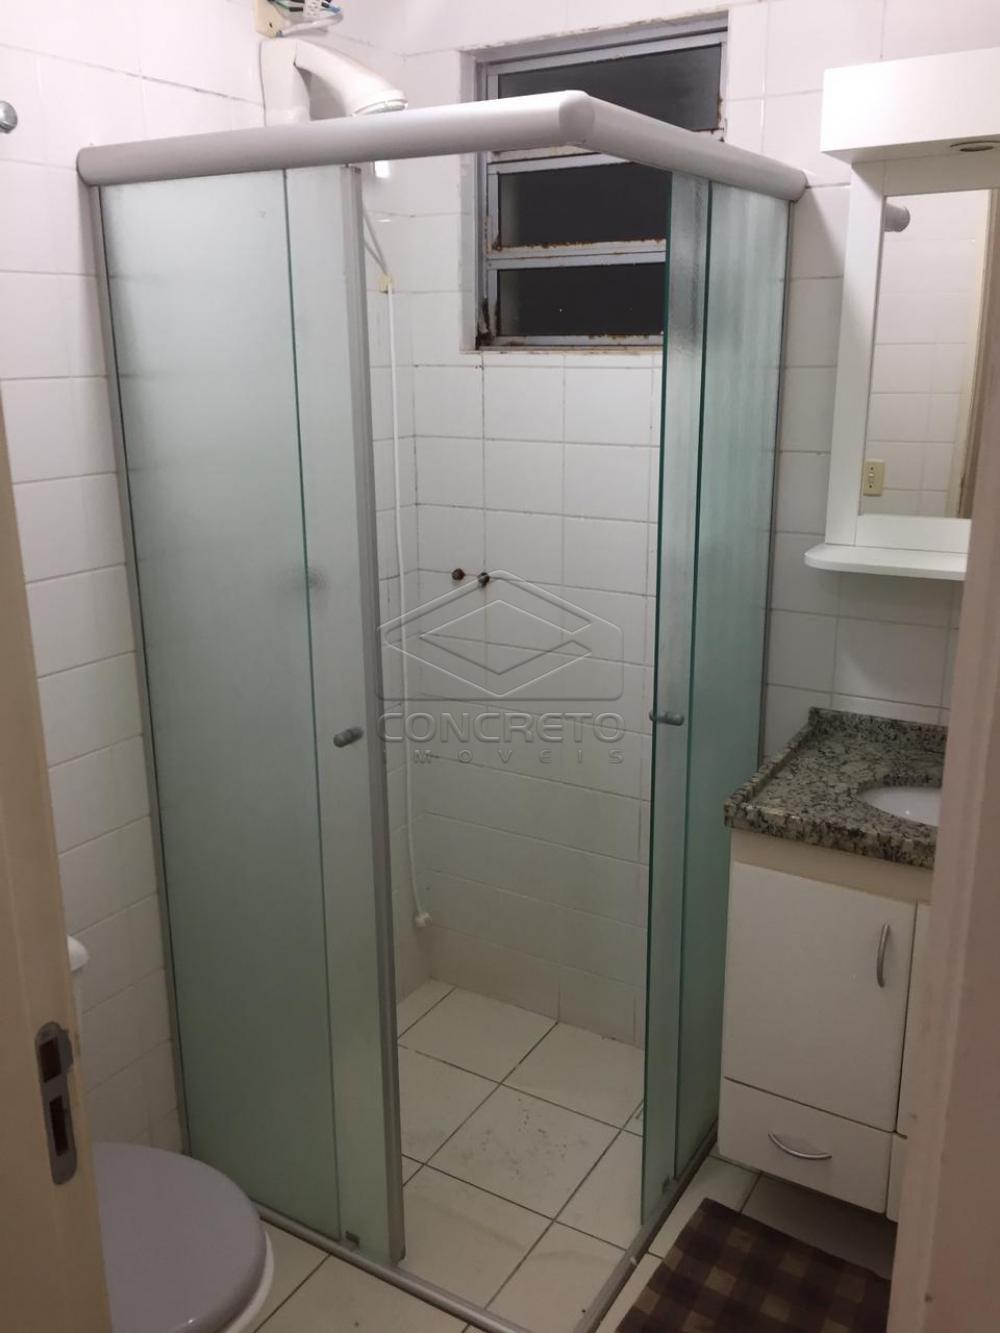 Comprar Apartamento / Padrão em Bauru apenas R$ 165.000,00 - Foto 10